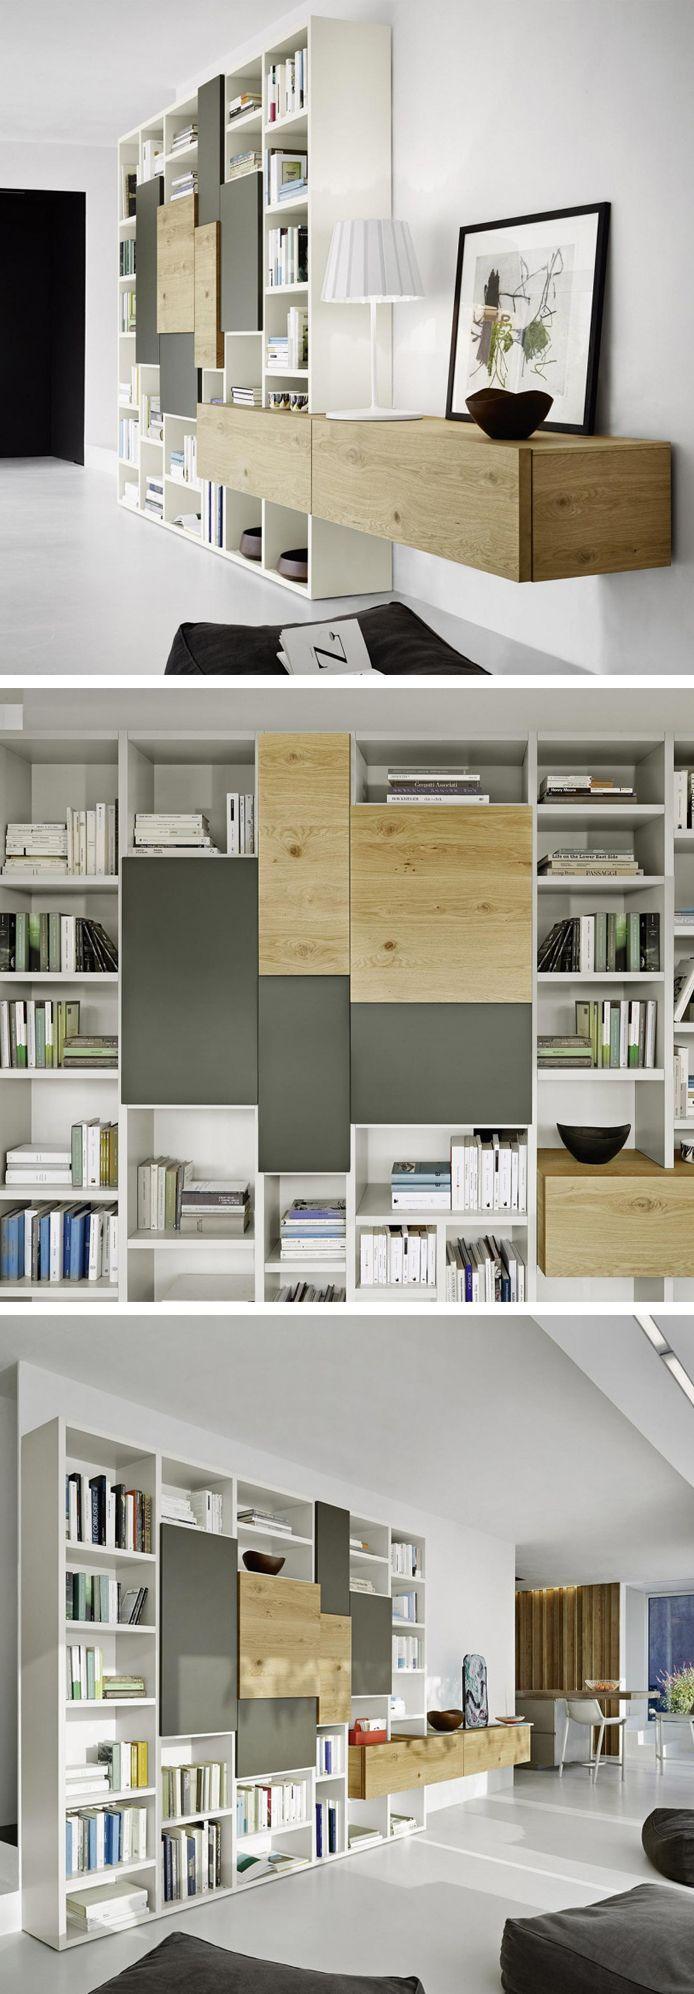 Das Livitalia Bücherregal C53 Hat Offene Und Geschlossenen Elemente Mit  Unterschiedlichen Stärken. #Bücherregal #